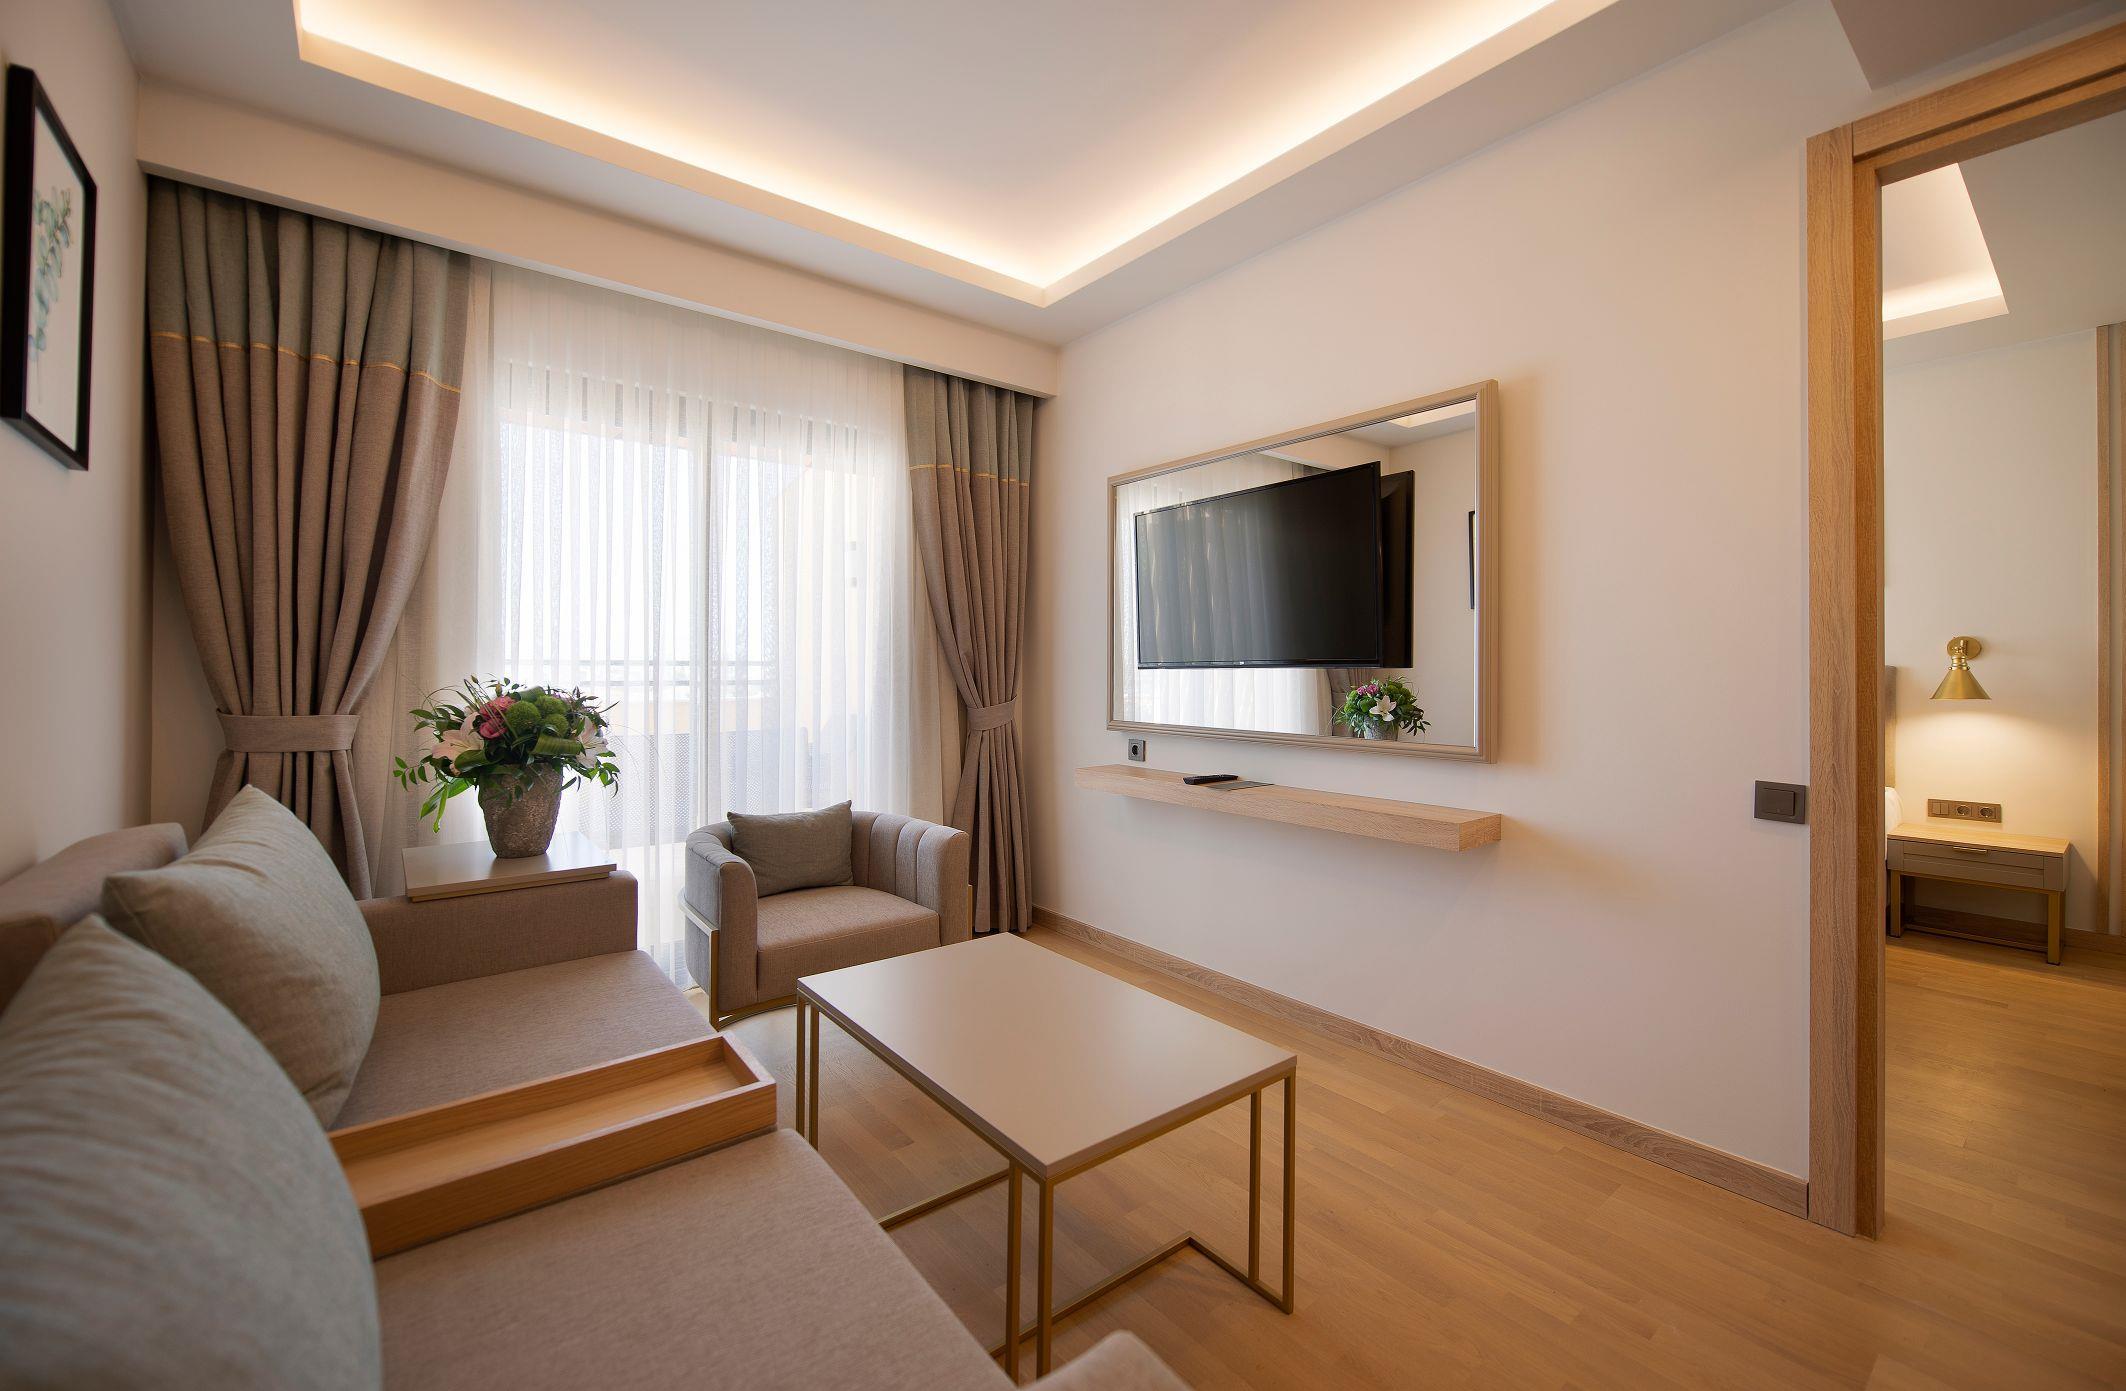 http://www.orextravel.sk/OREX/hotelphotos/miramare-queen-hotel-general-0023.jpg